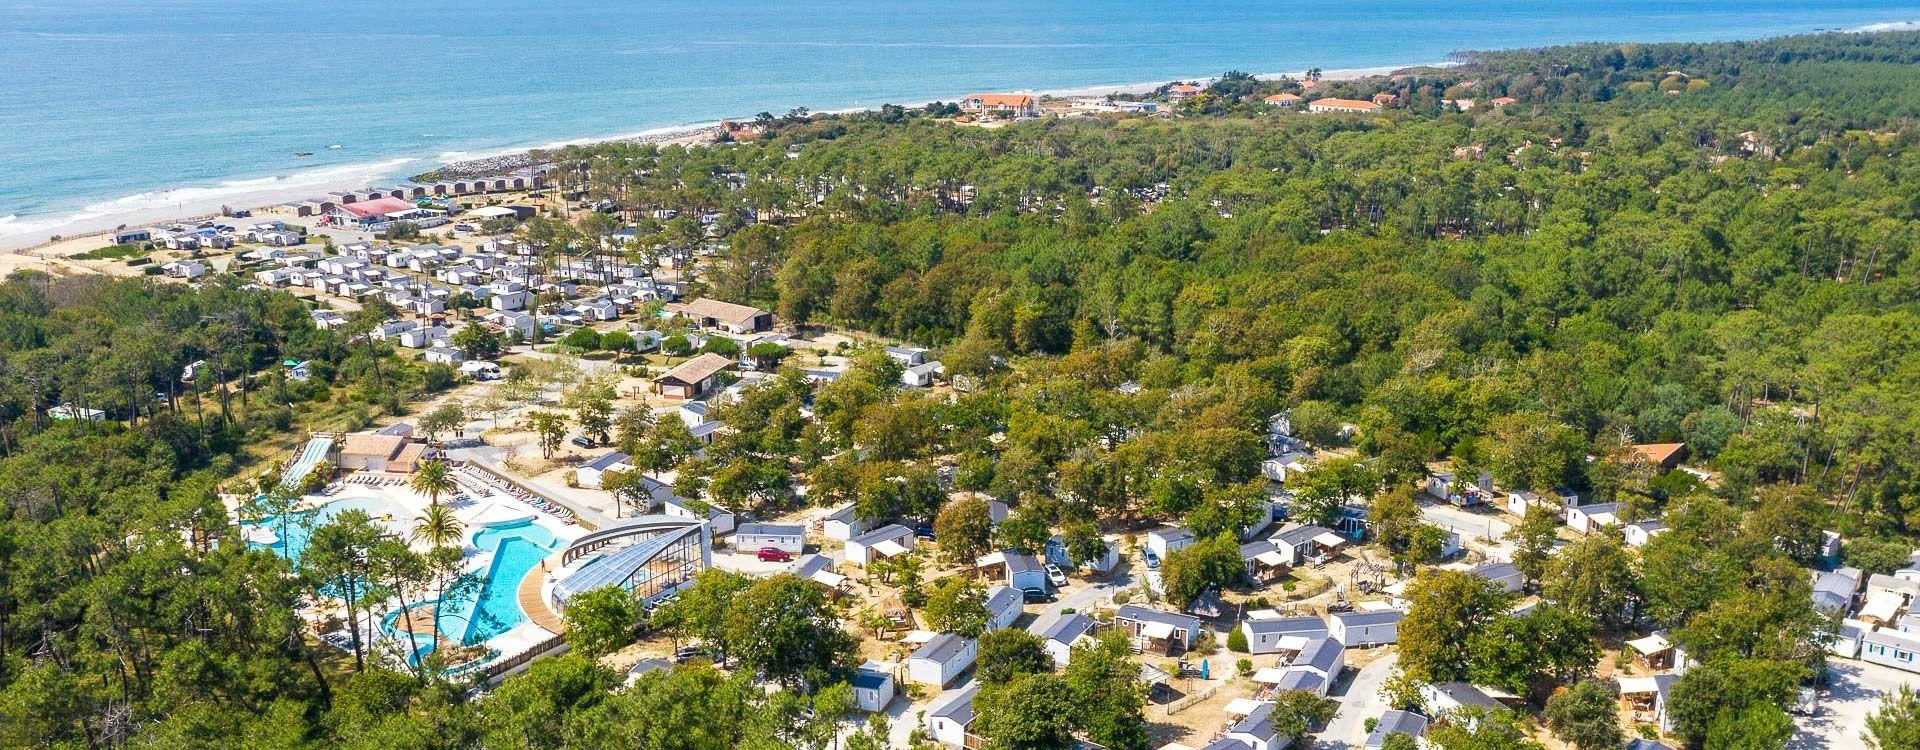 Campsite Soulac Plage